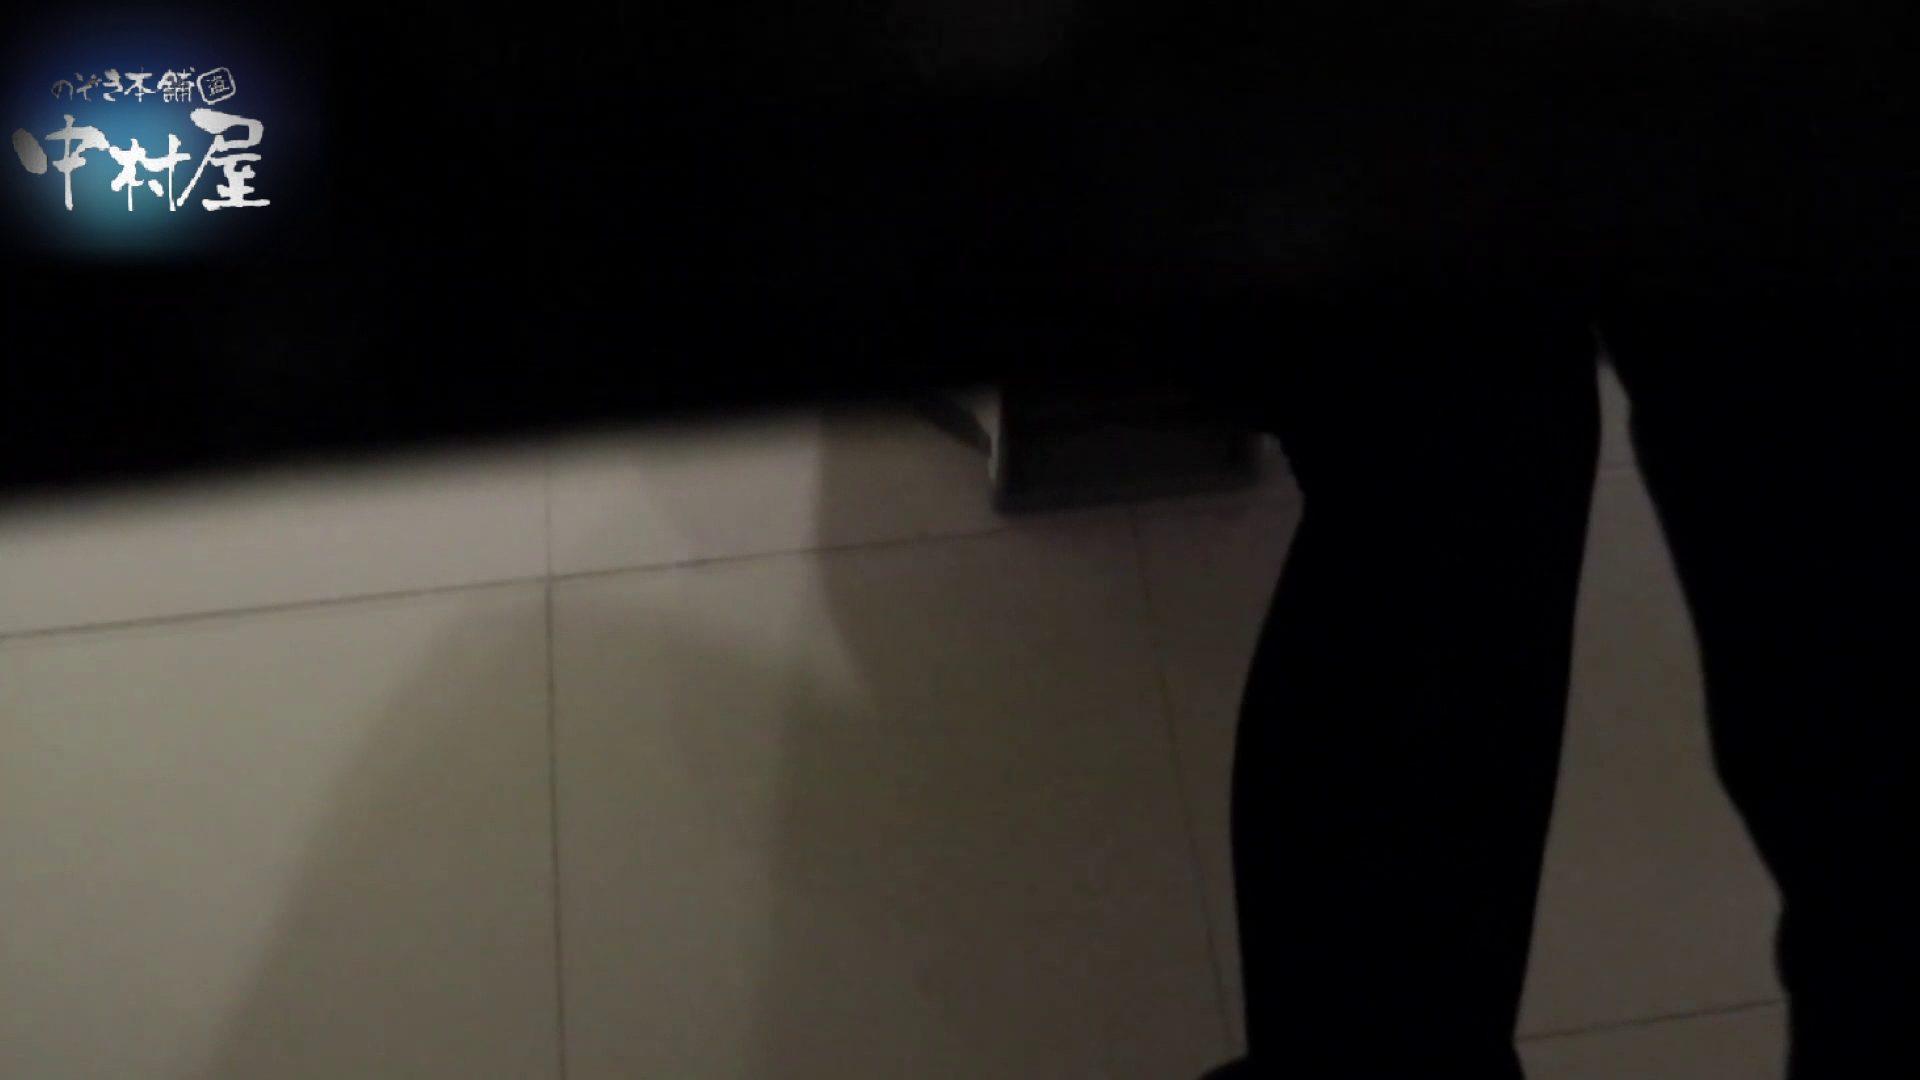 乙女集まる!ショッピングモール潜入撮vol.05 丸見え おめこ無修正画像 80PIX 53